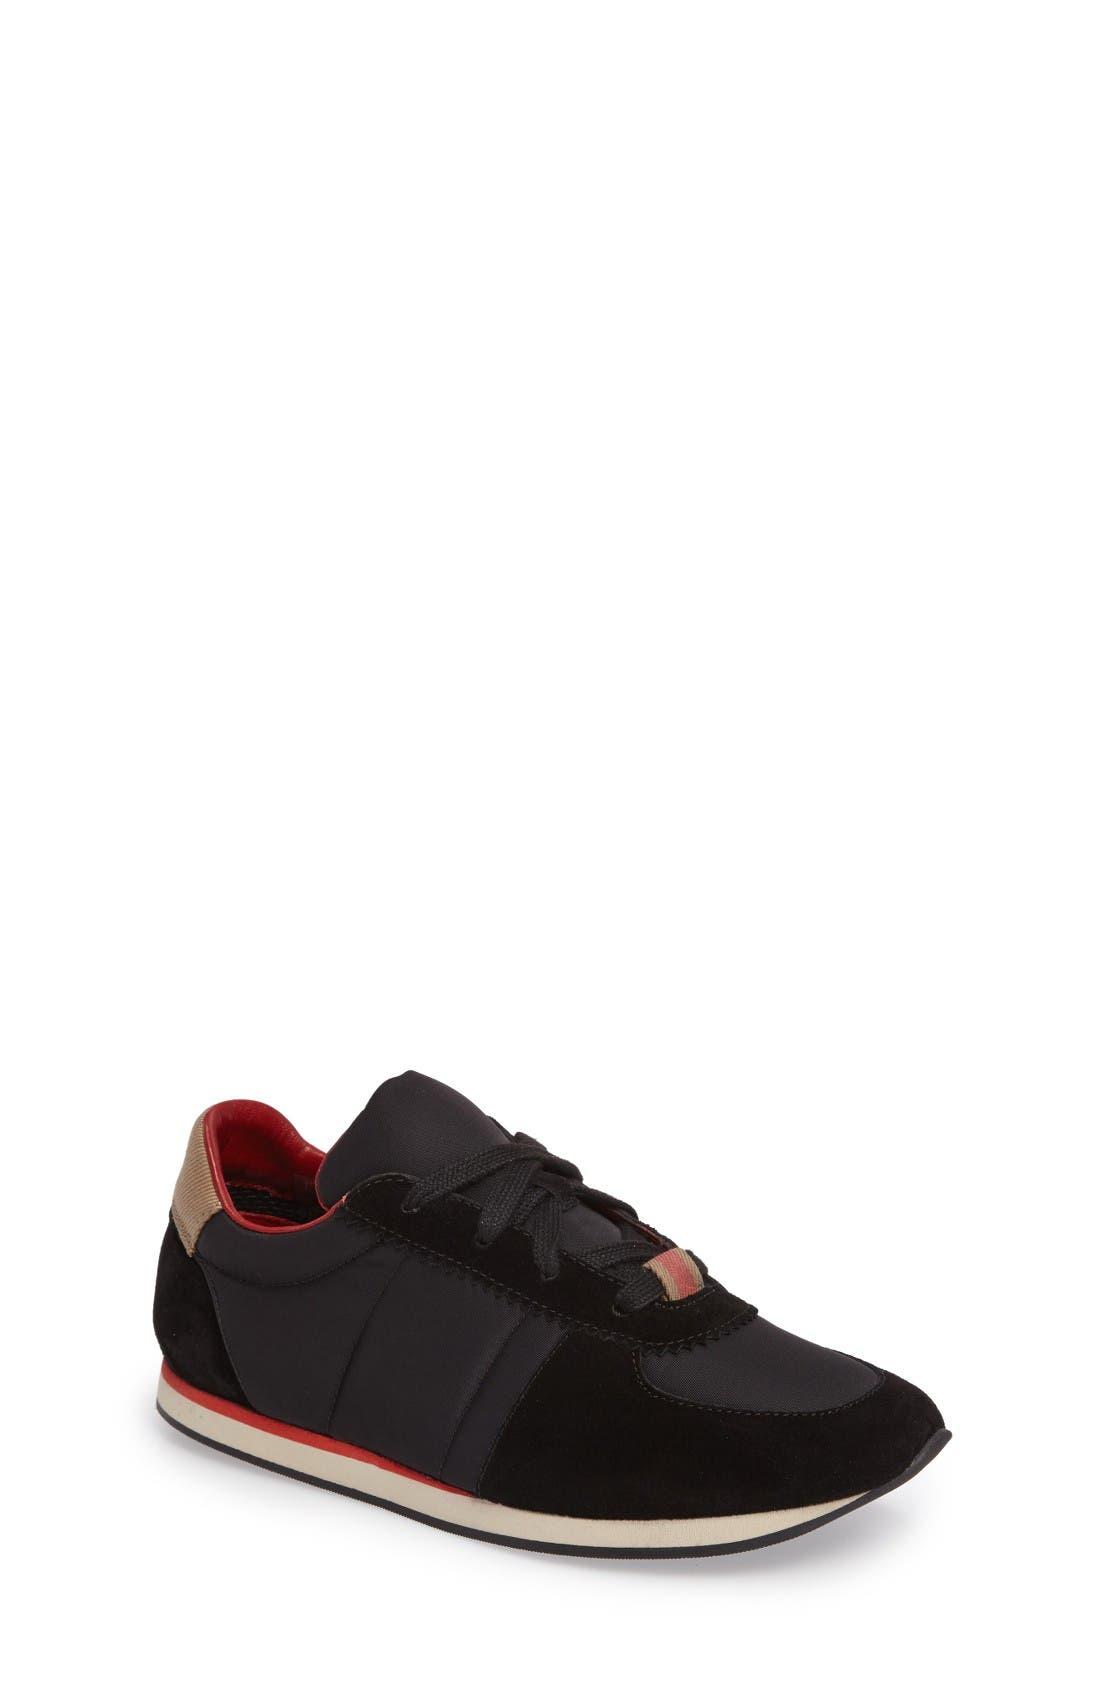 Alternate Image 1 Selected - Burberry Mini Track Sneaker (Walker, Toddler & Little Kid)